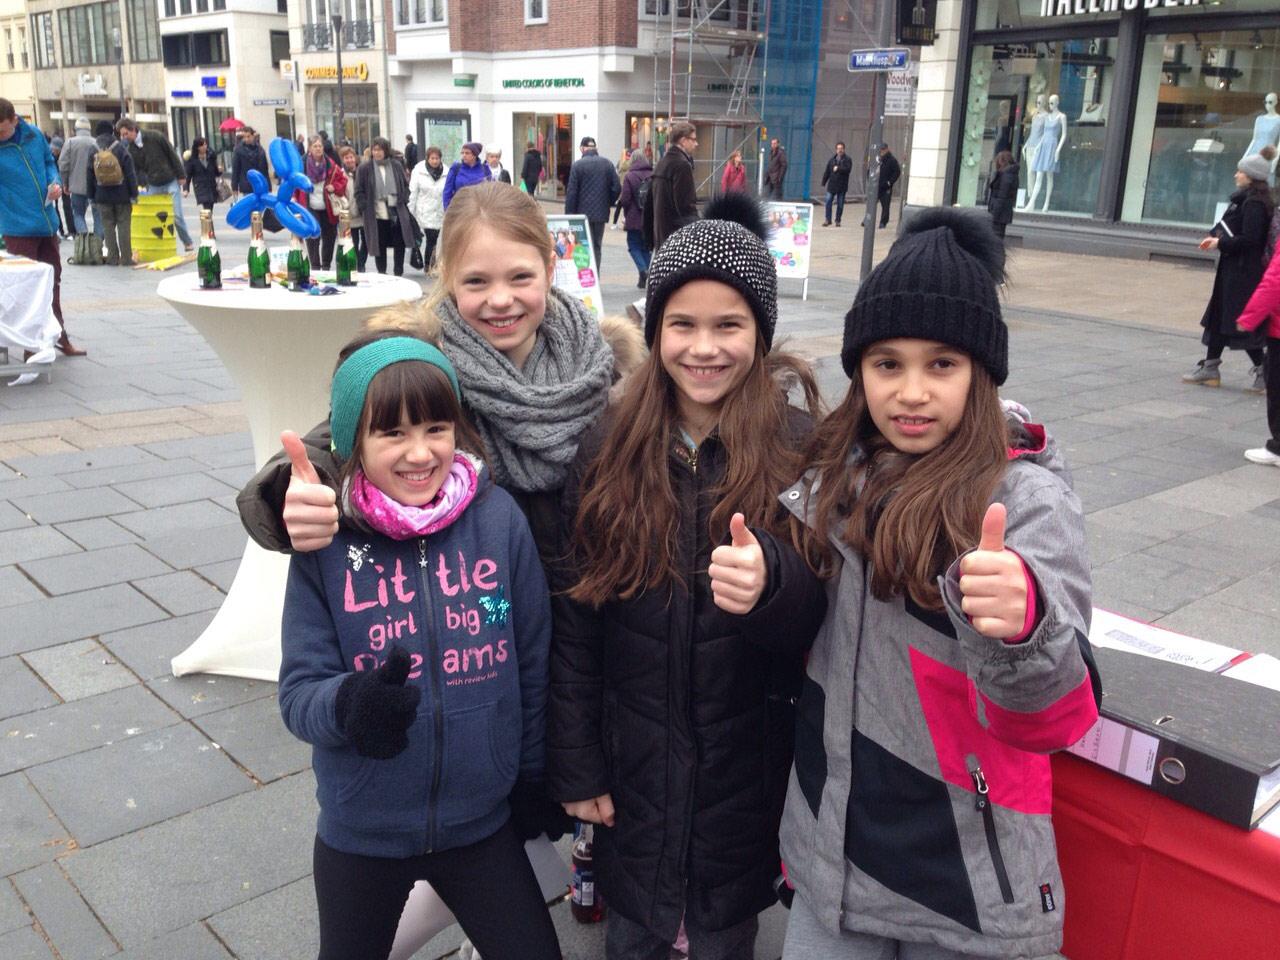 2015 Rettet die Henkell Eisbahn – Unterschriften sammeln